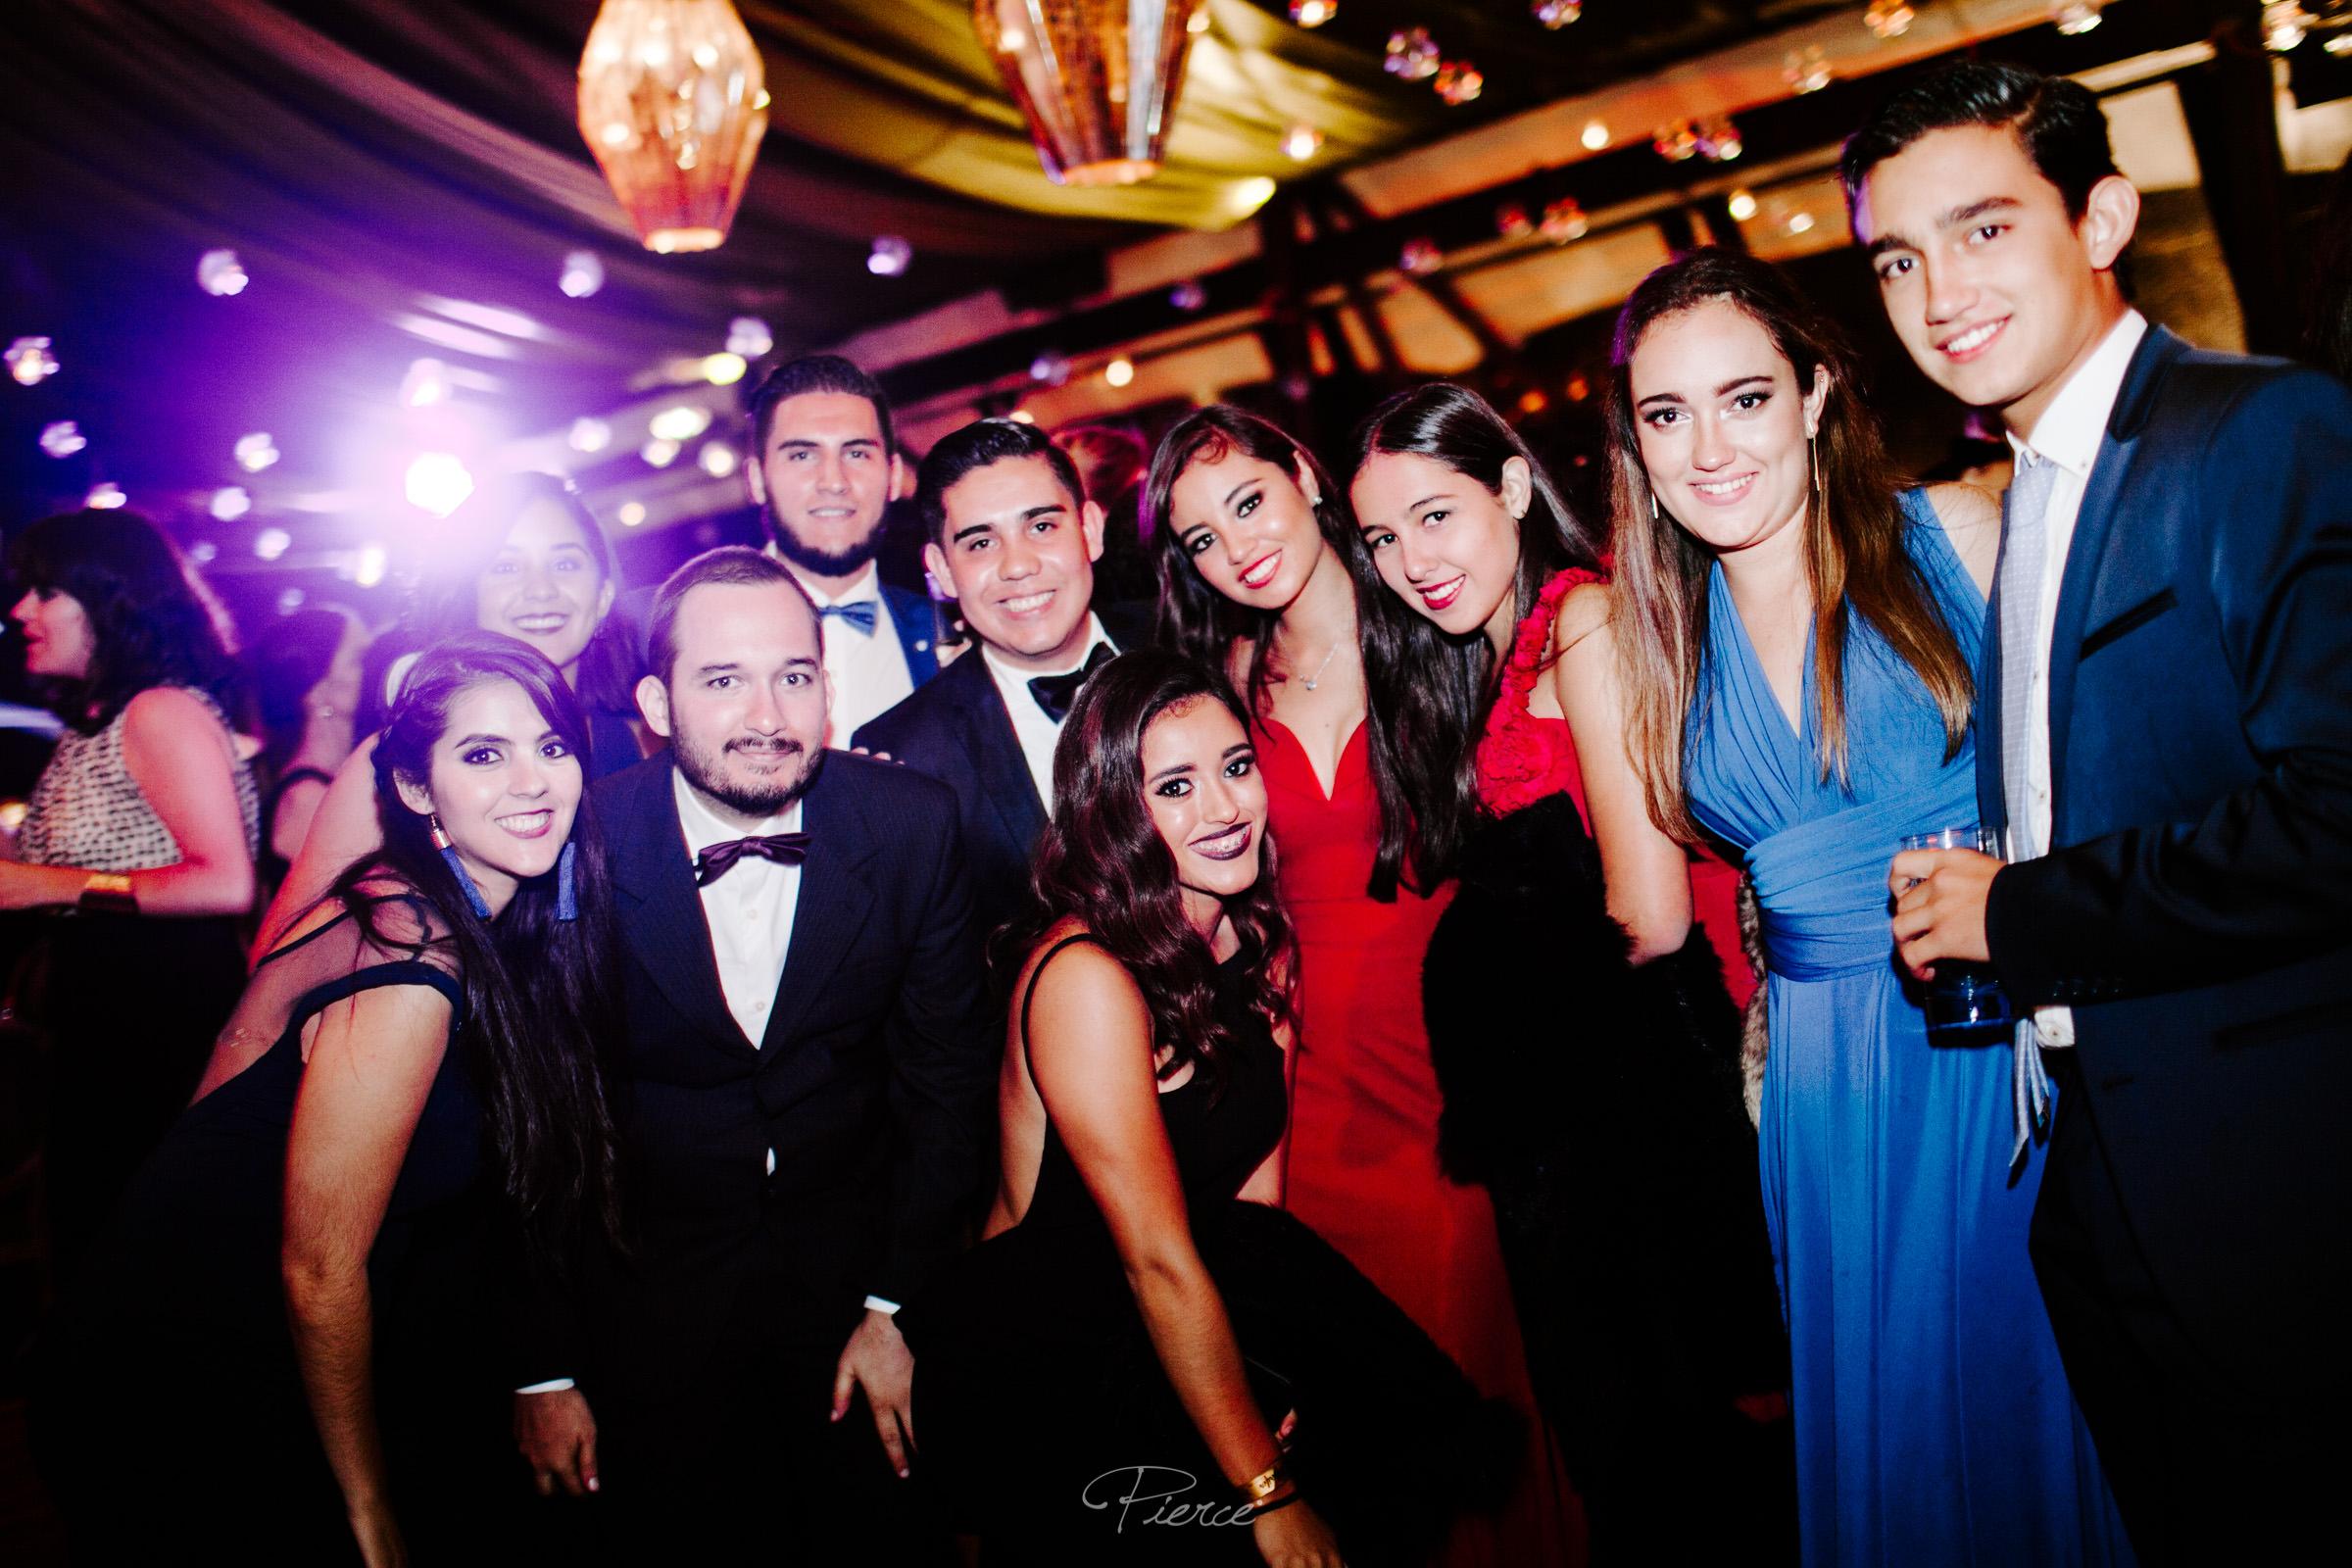 fotografia-de-boda-valle-de-bravo-mexico-rosmarino-pierce-weddings-0209.JPG